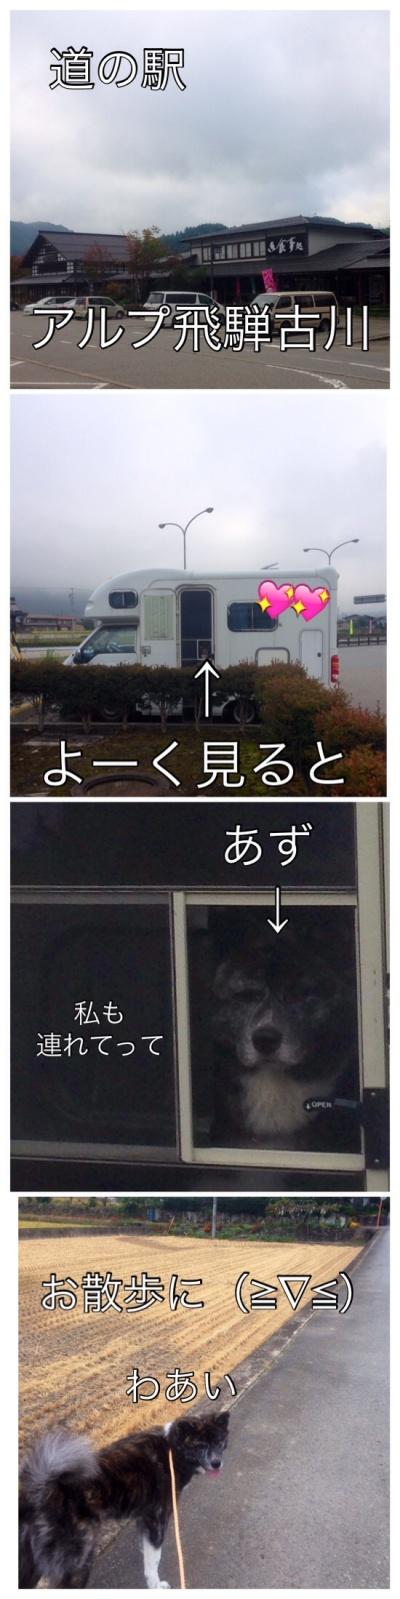 ①道の駅アルプ飛騨古川